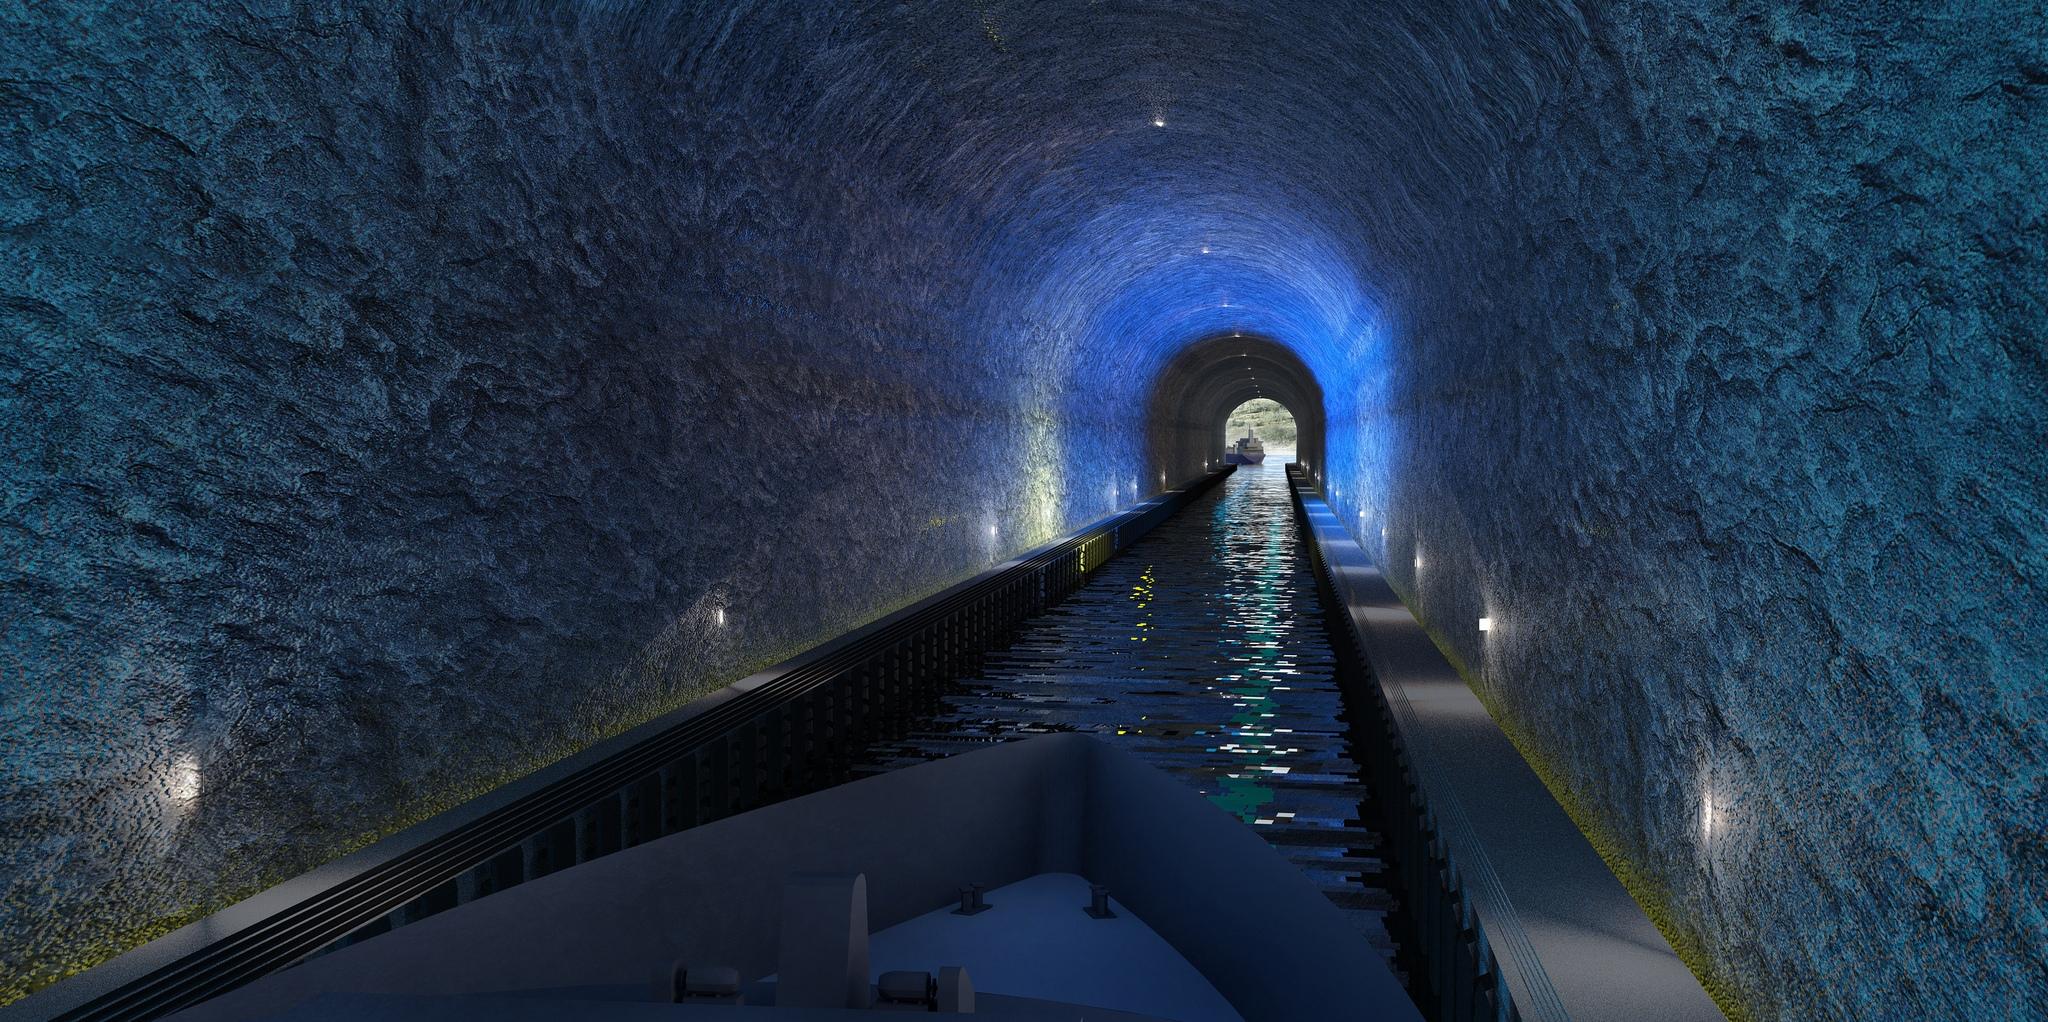 место, картинка подводного моста нашей ферме